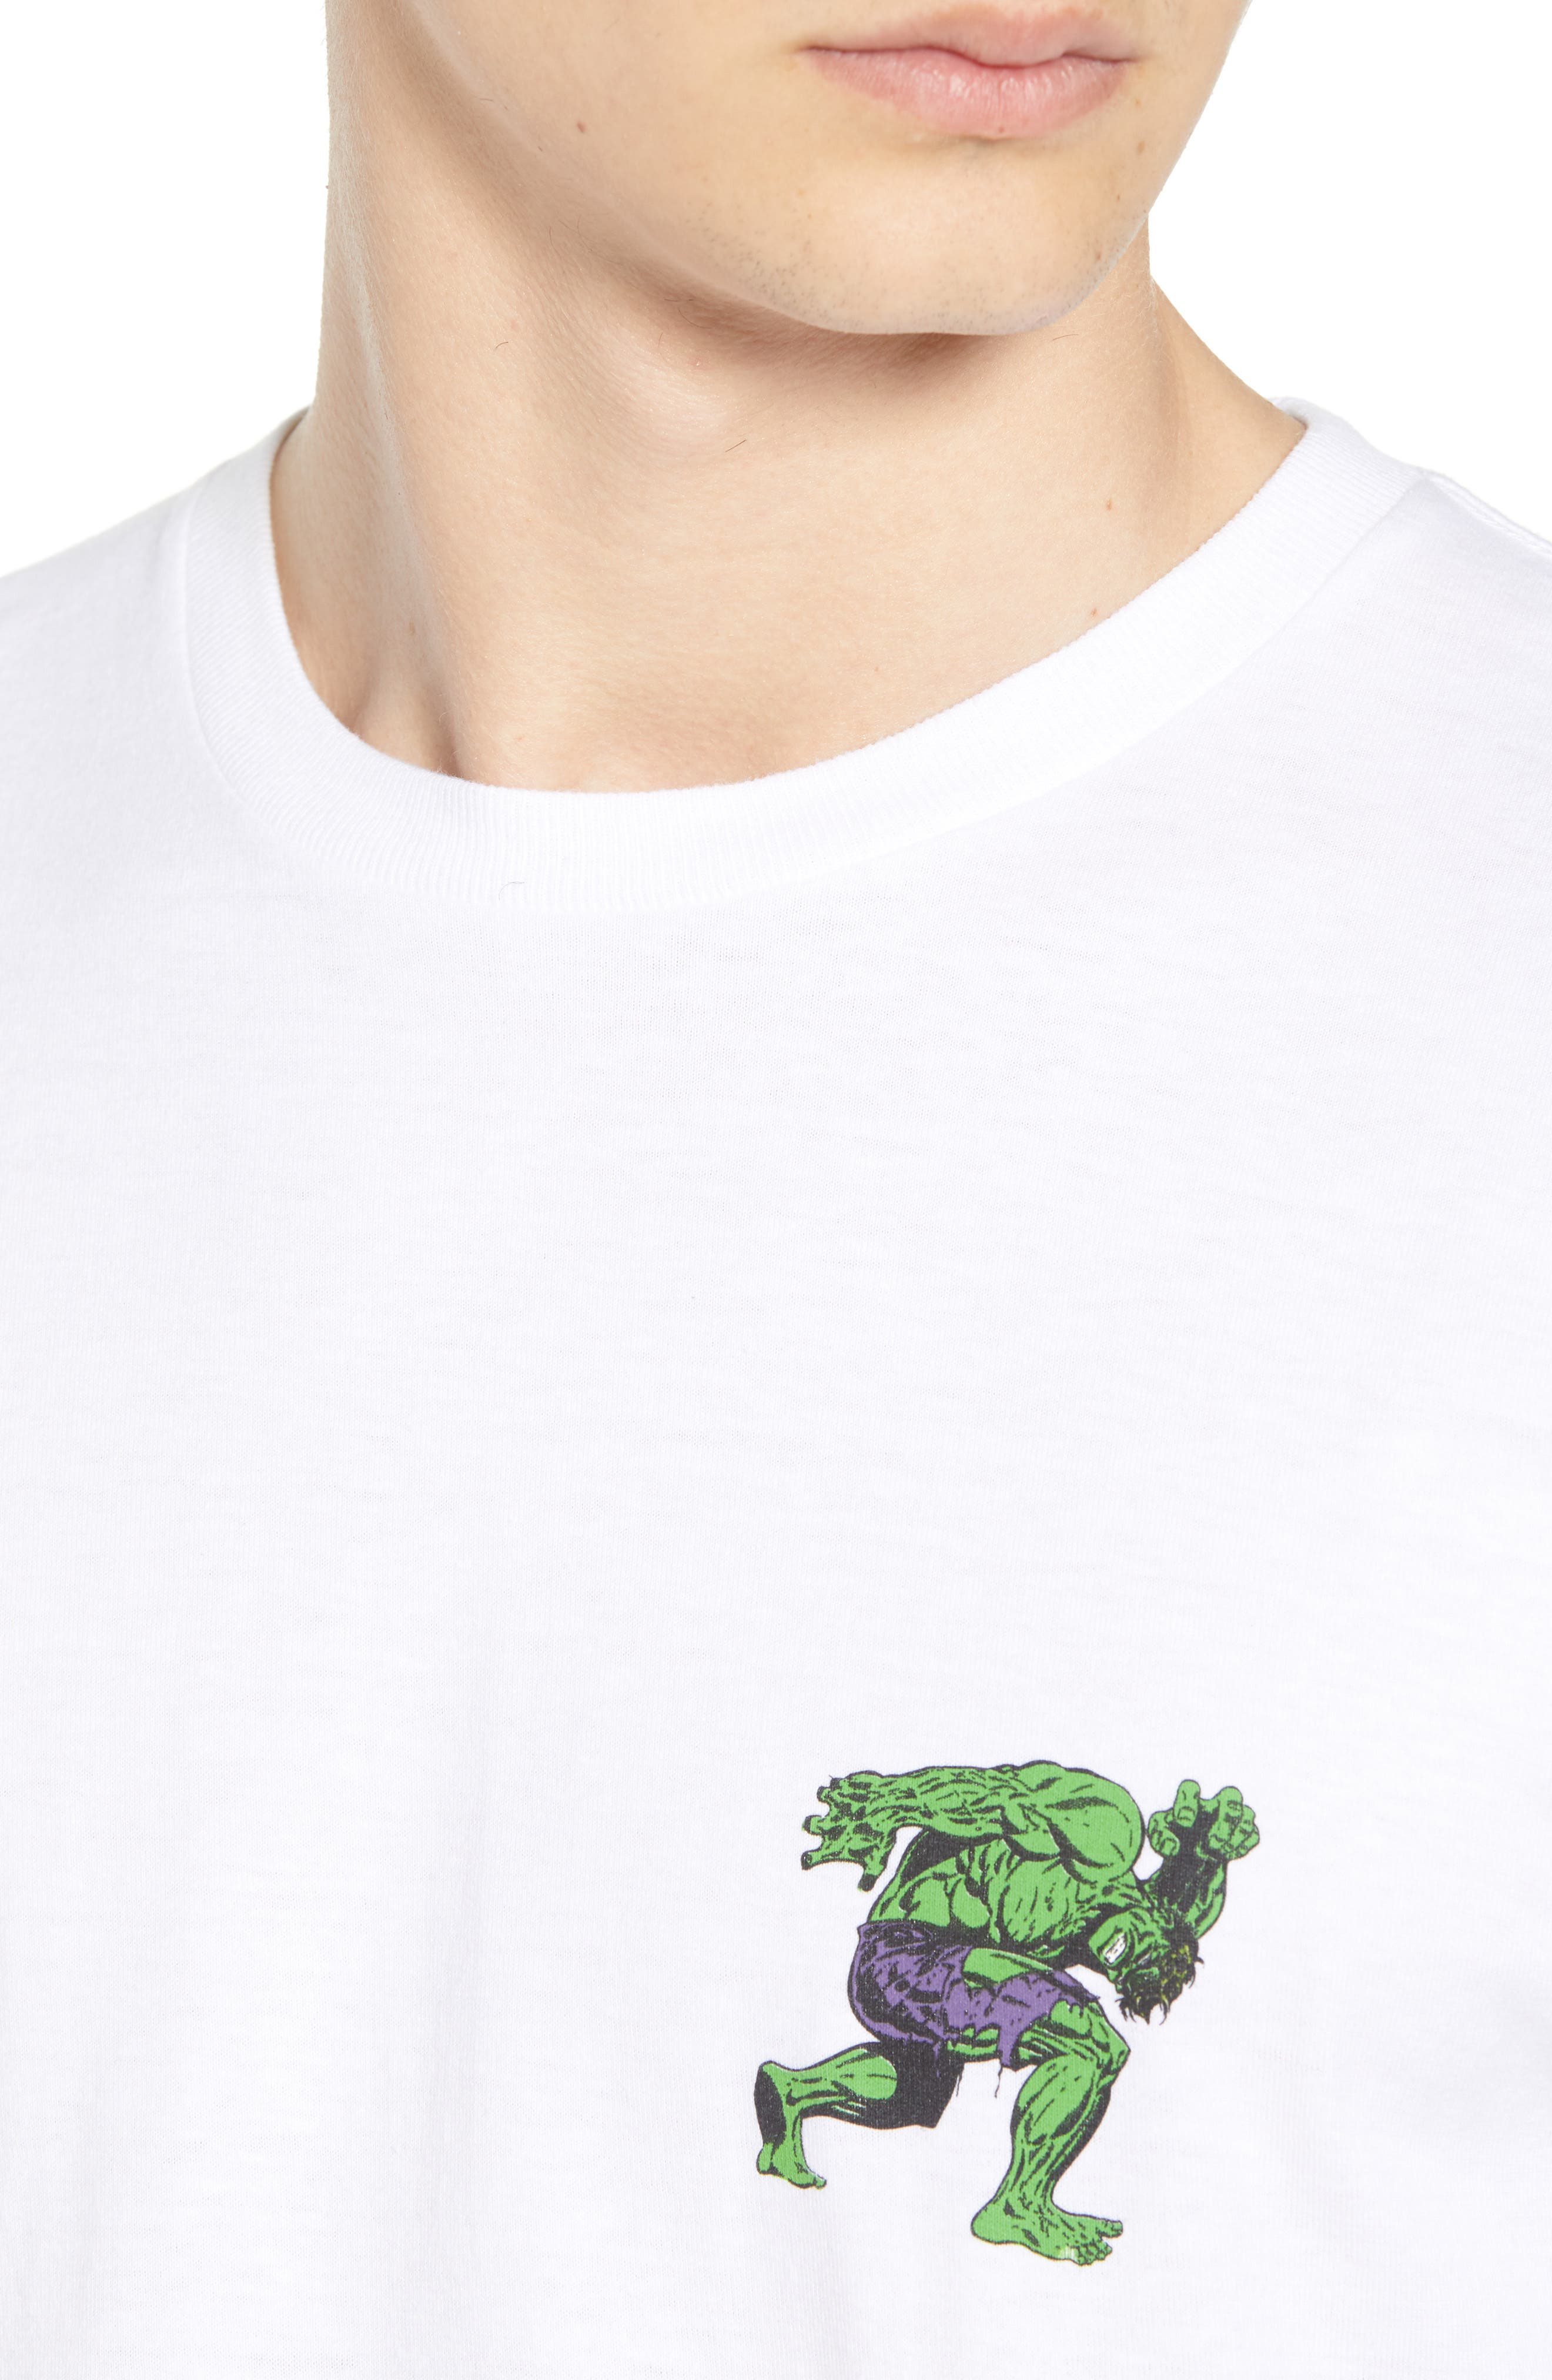 x Marvel<sup>®</sup> Hulk T-Shirt,                             Alternate thumbnail 4, color,                             WHITE